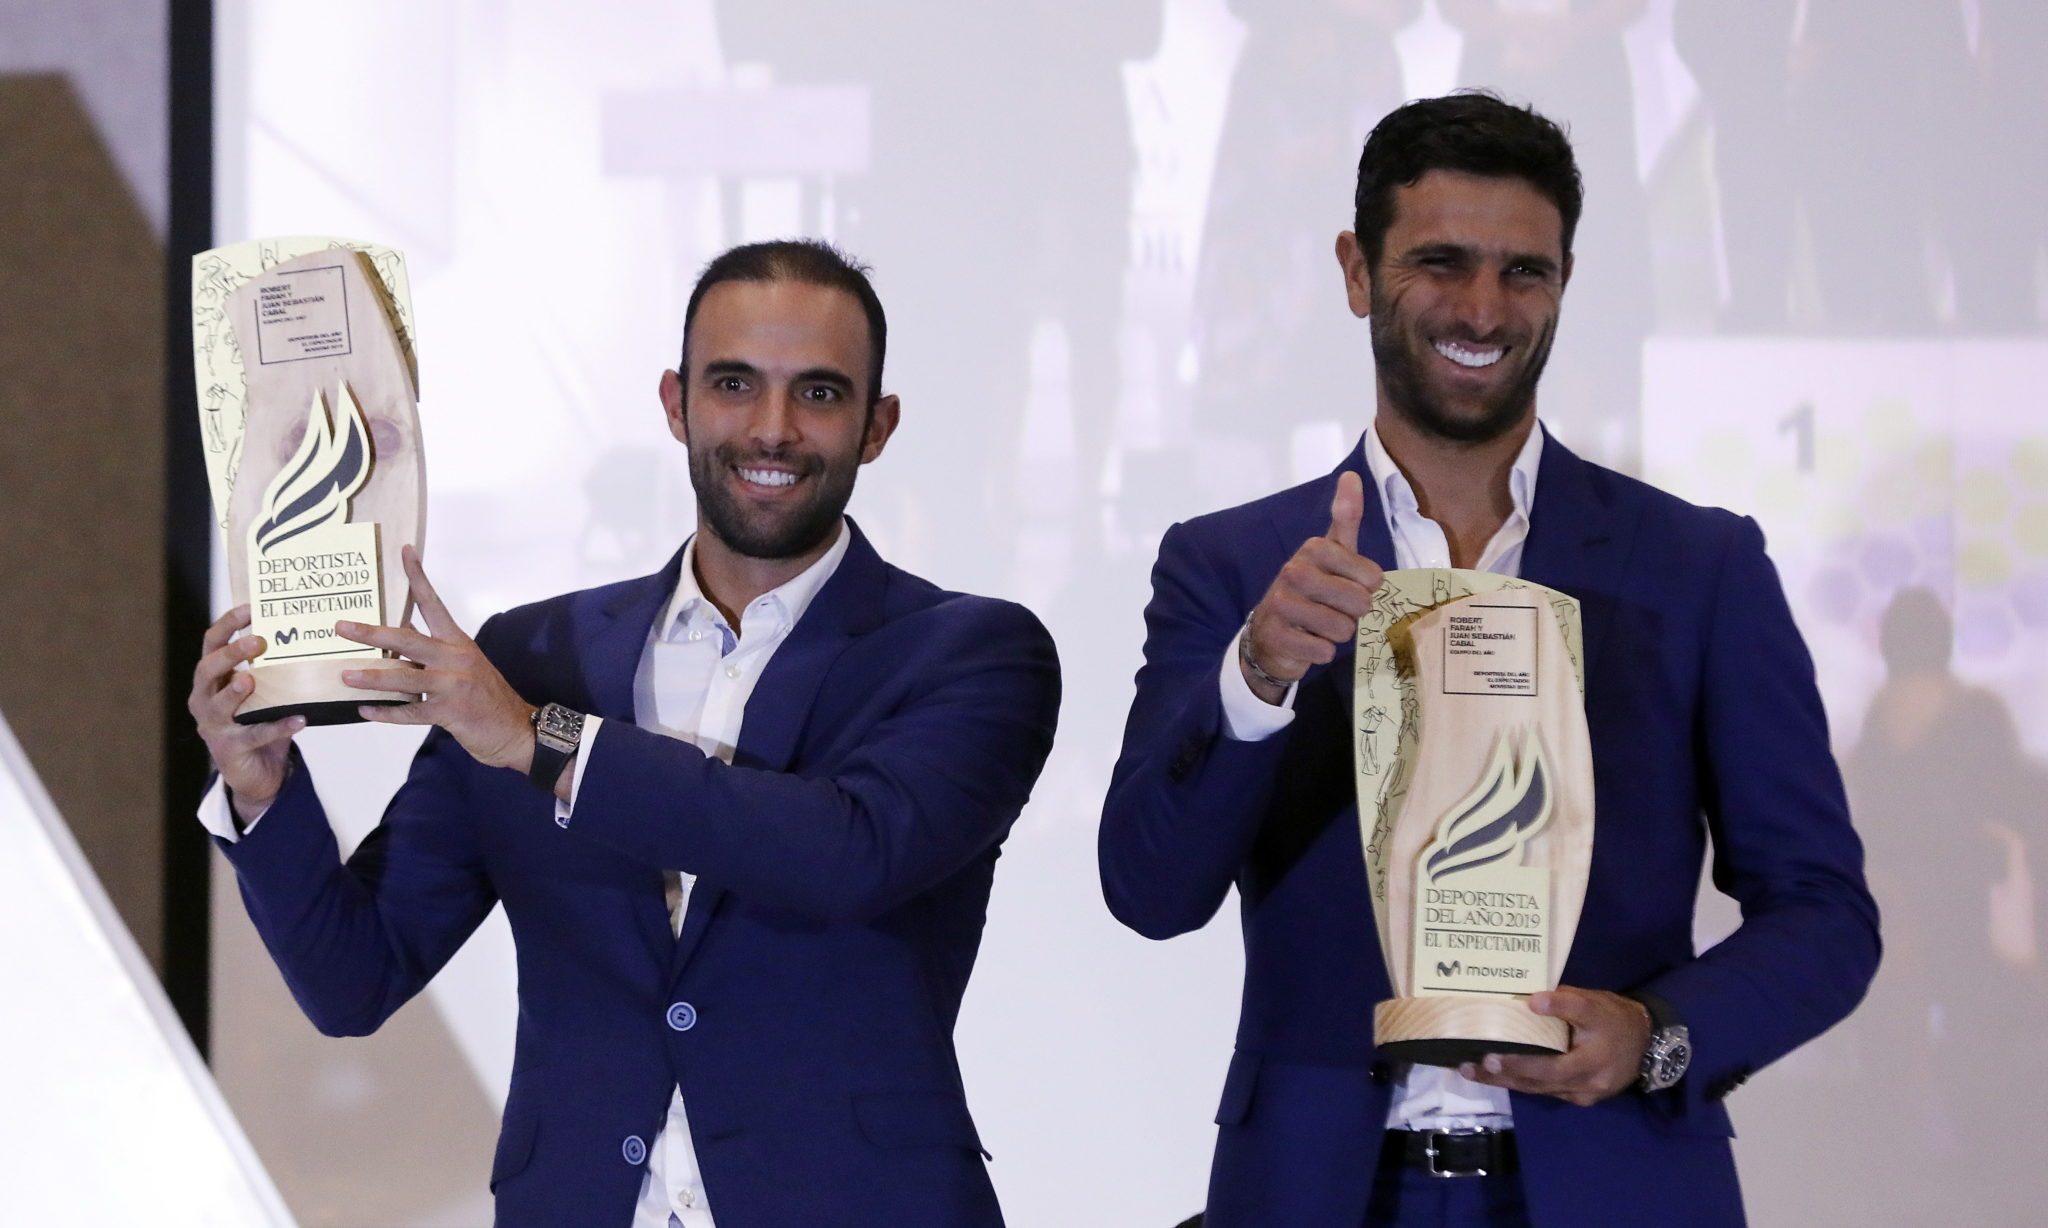 Bogota: Kolumbijscy tenisiści Sebastian Cabal i Robert Farah otrzymują nagrodę sportowców roku 2019 Kolumbii, fot. EPA/Mauricio Duenas Castaneda